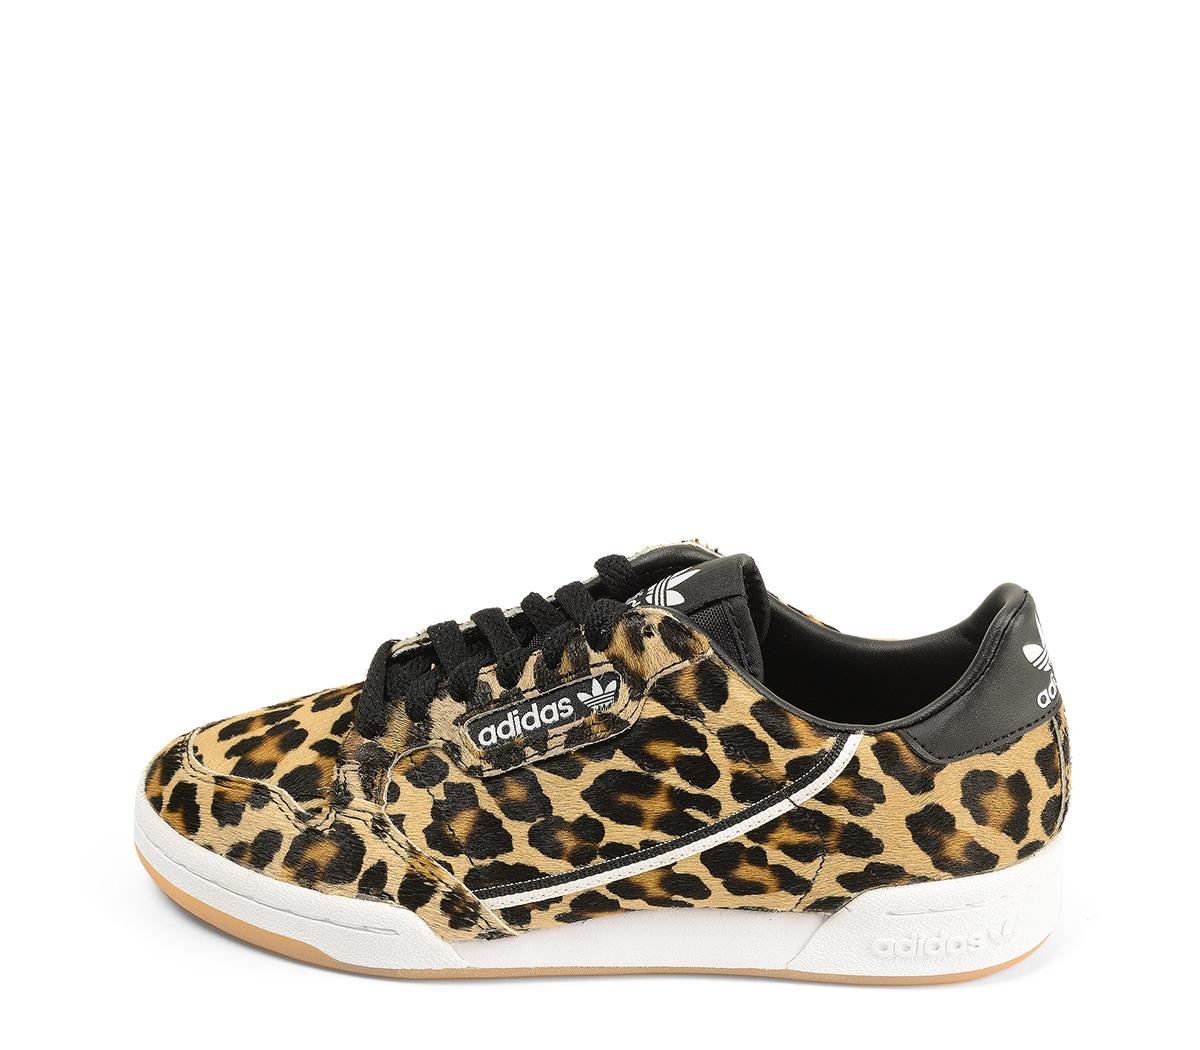 Ref. 4464 Adidas Continental potro leopardo con detalle trasero piel negra. Cordones negros. Suela combinada en blanco y caramelo.